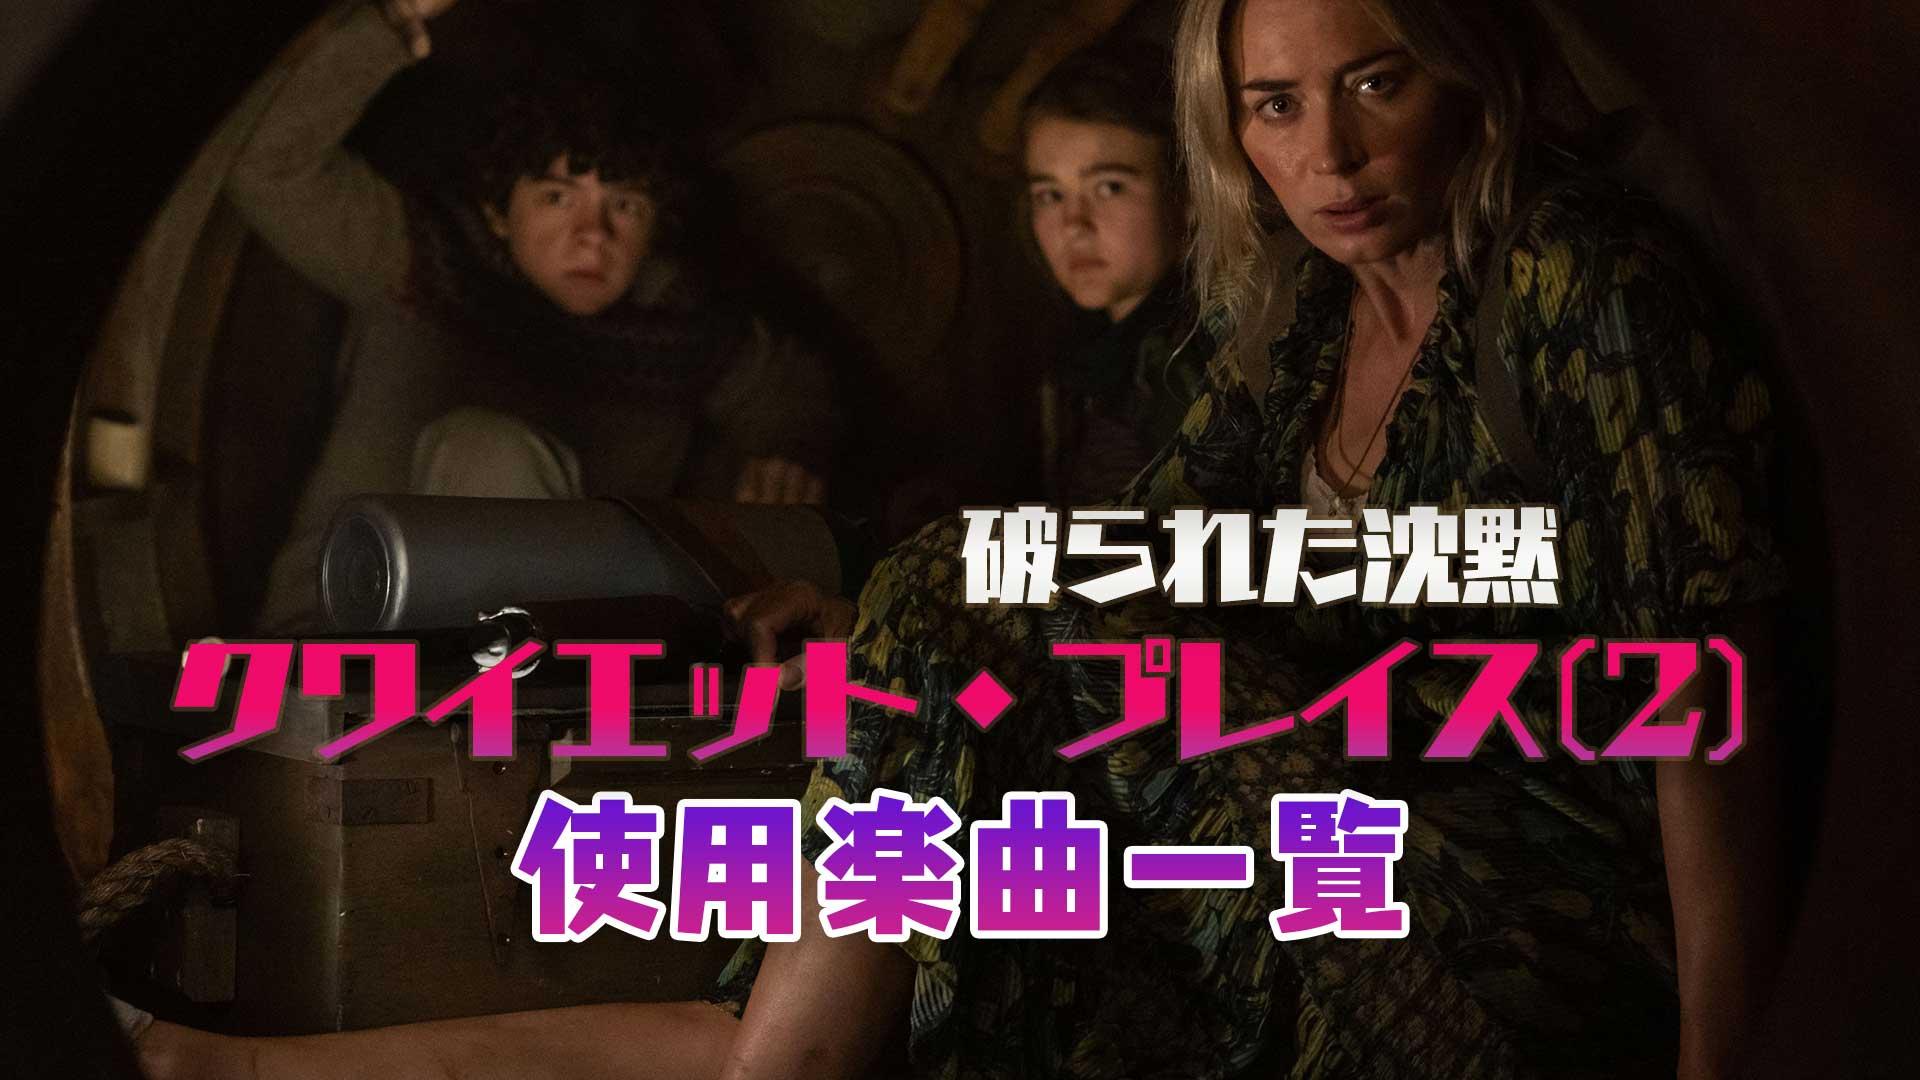 映画『クワイエット・プレイス(2)-破られた沈黙』で使われている曲まとめ!